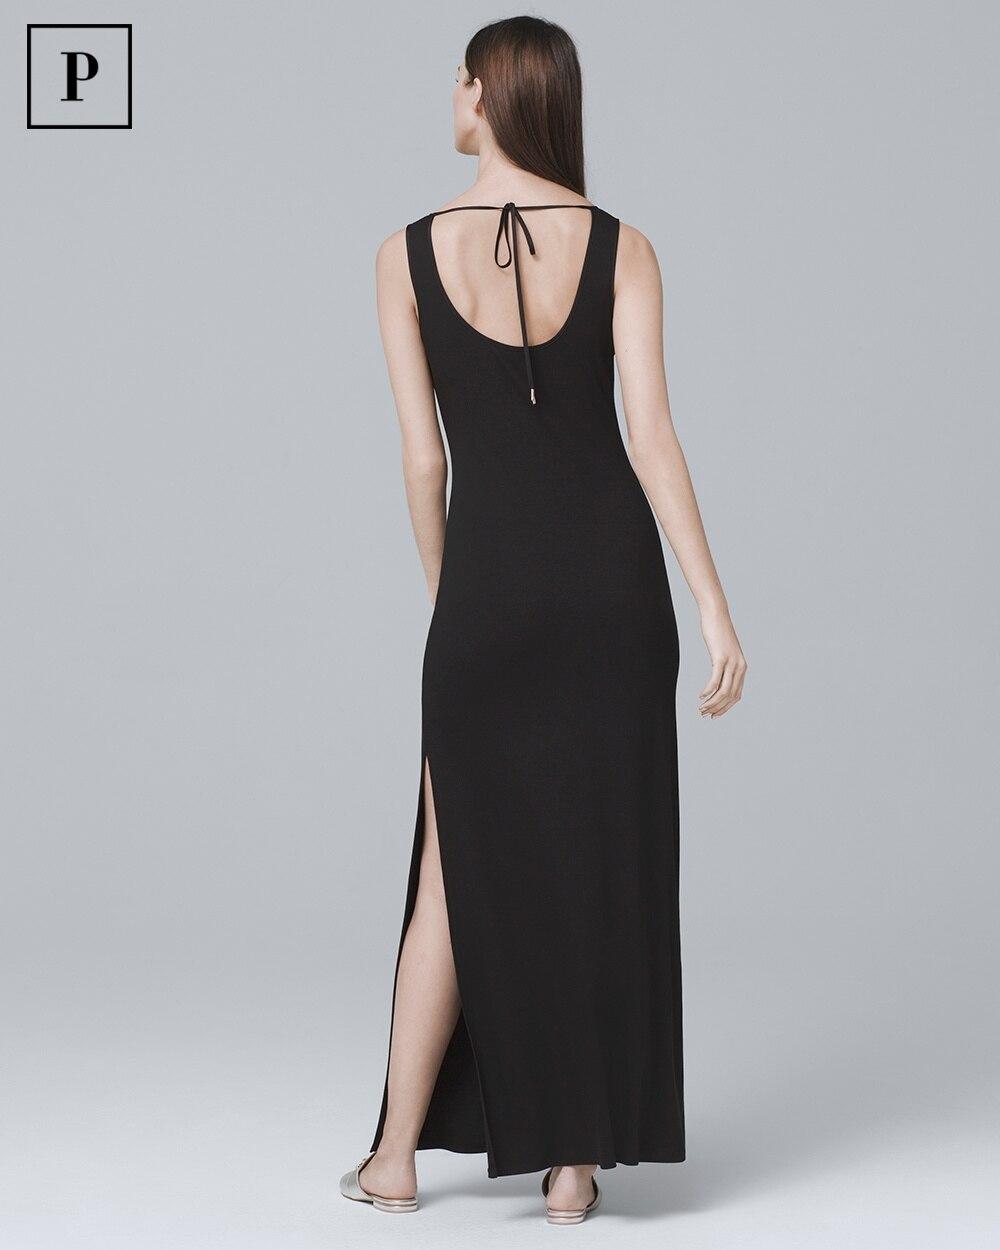 Petite Sleeveless Black Tie Back Knit Maxi Dress White House Black